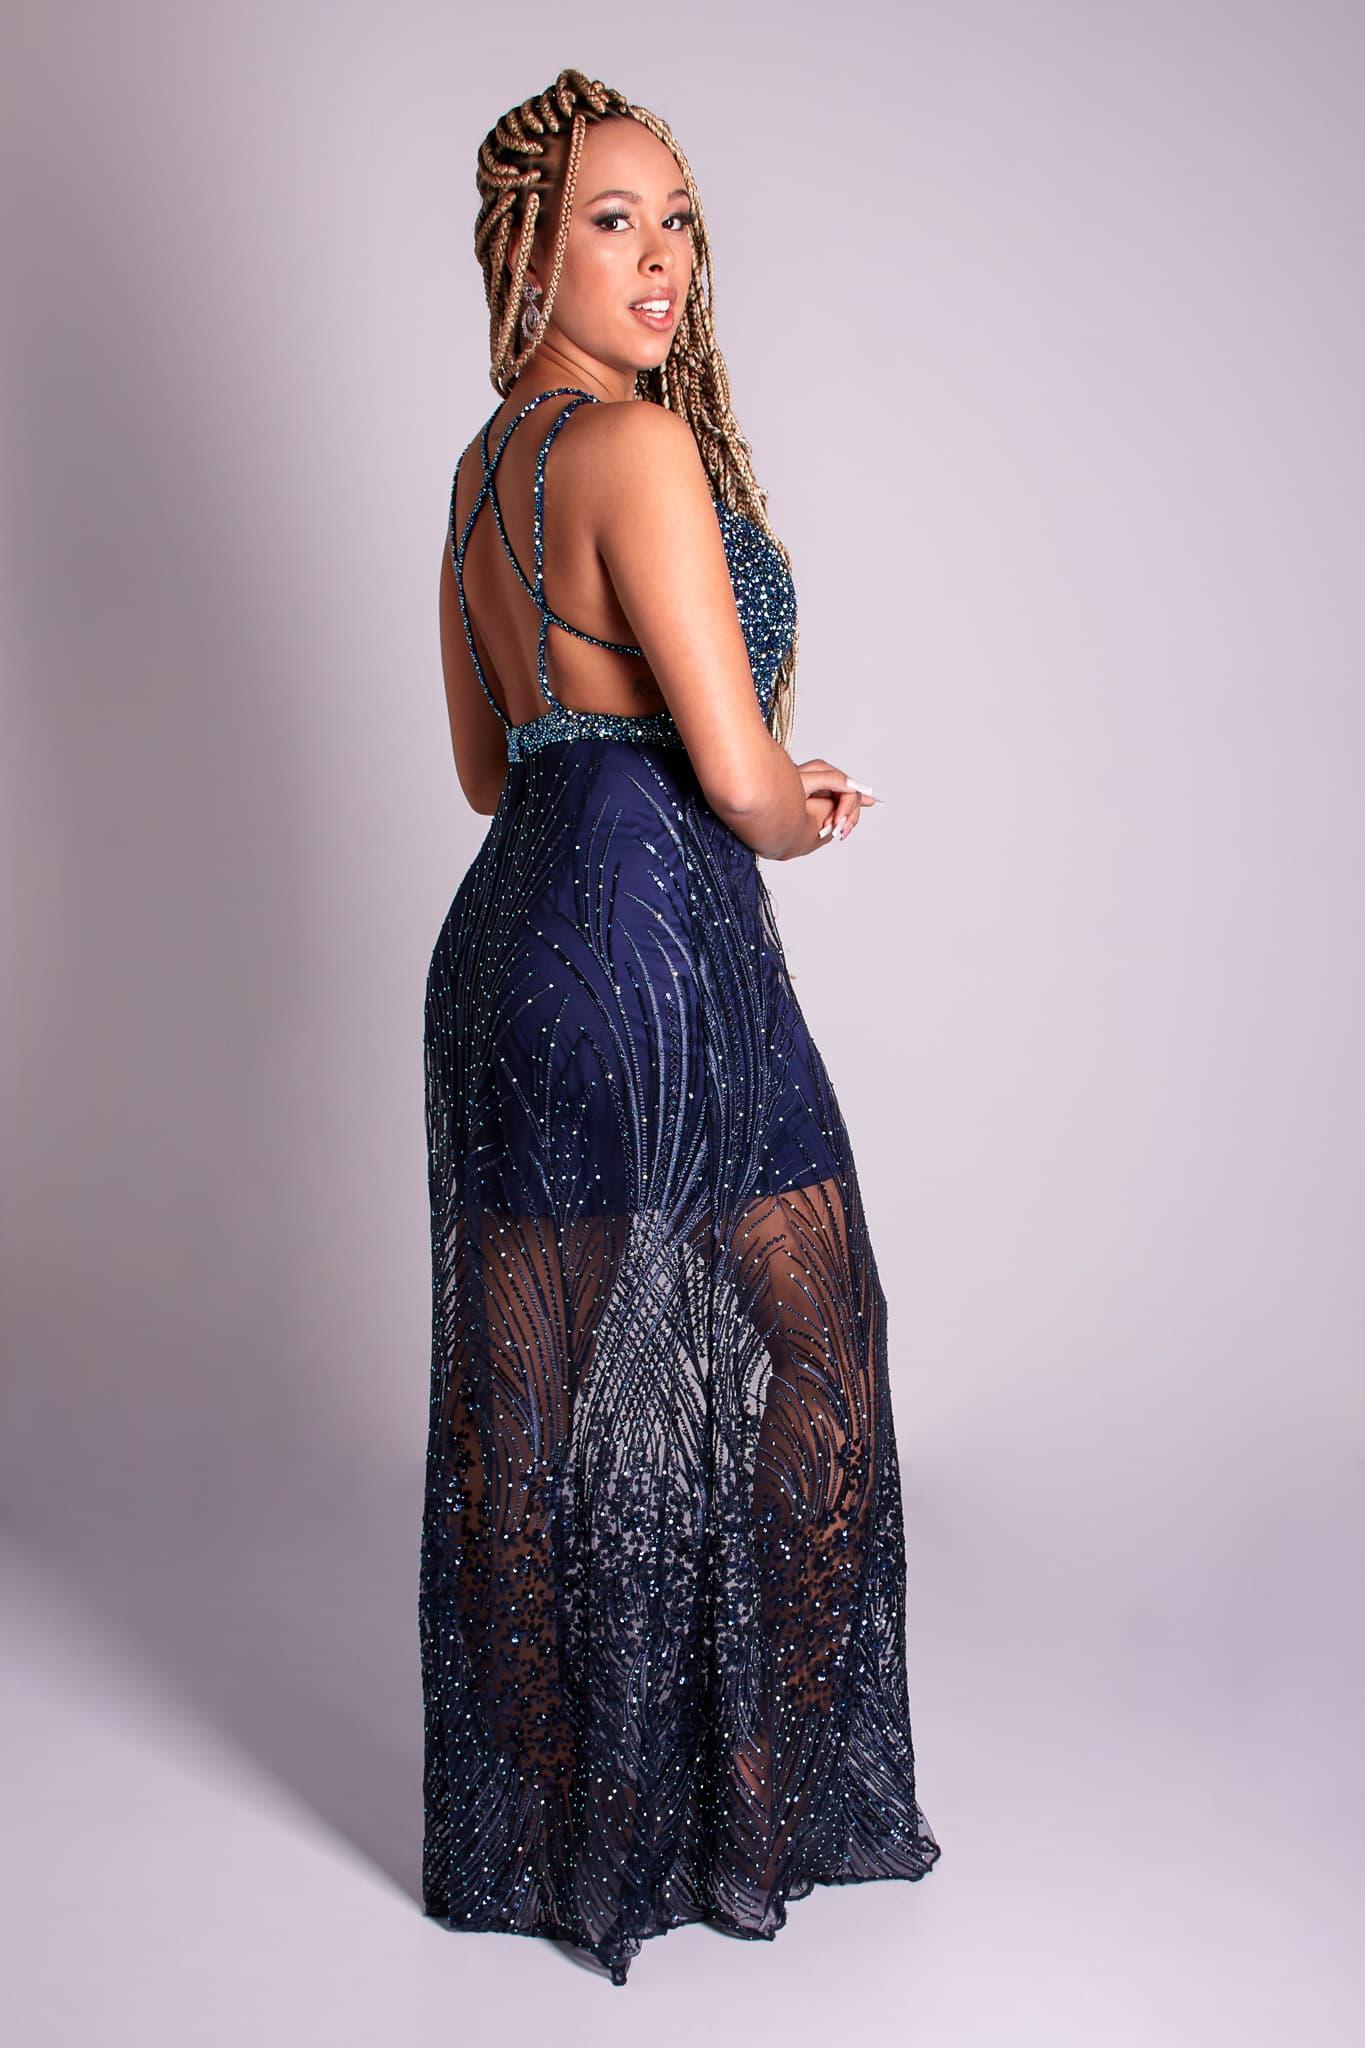 143 - Vestido azul marinho de renda com cristais e fitas nas costas